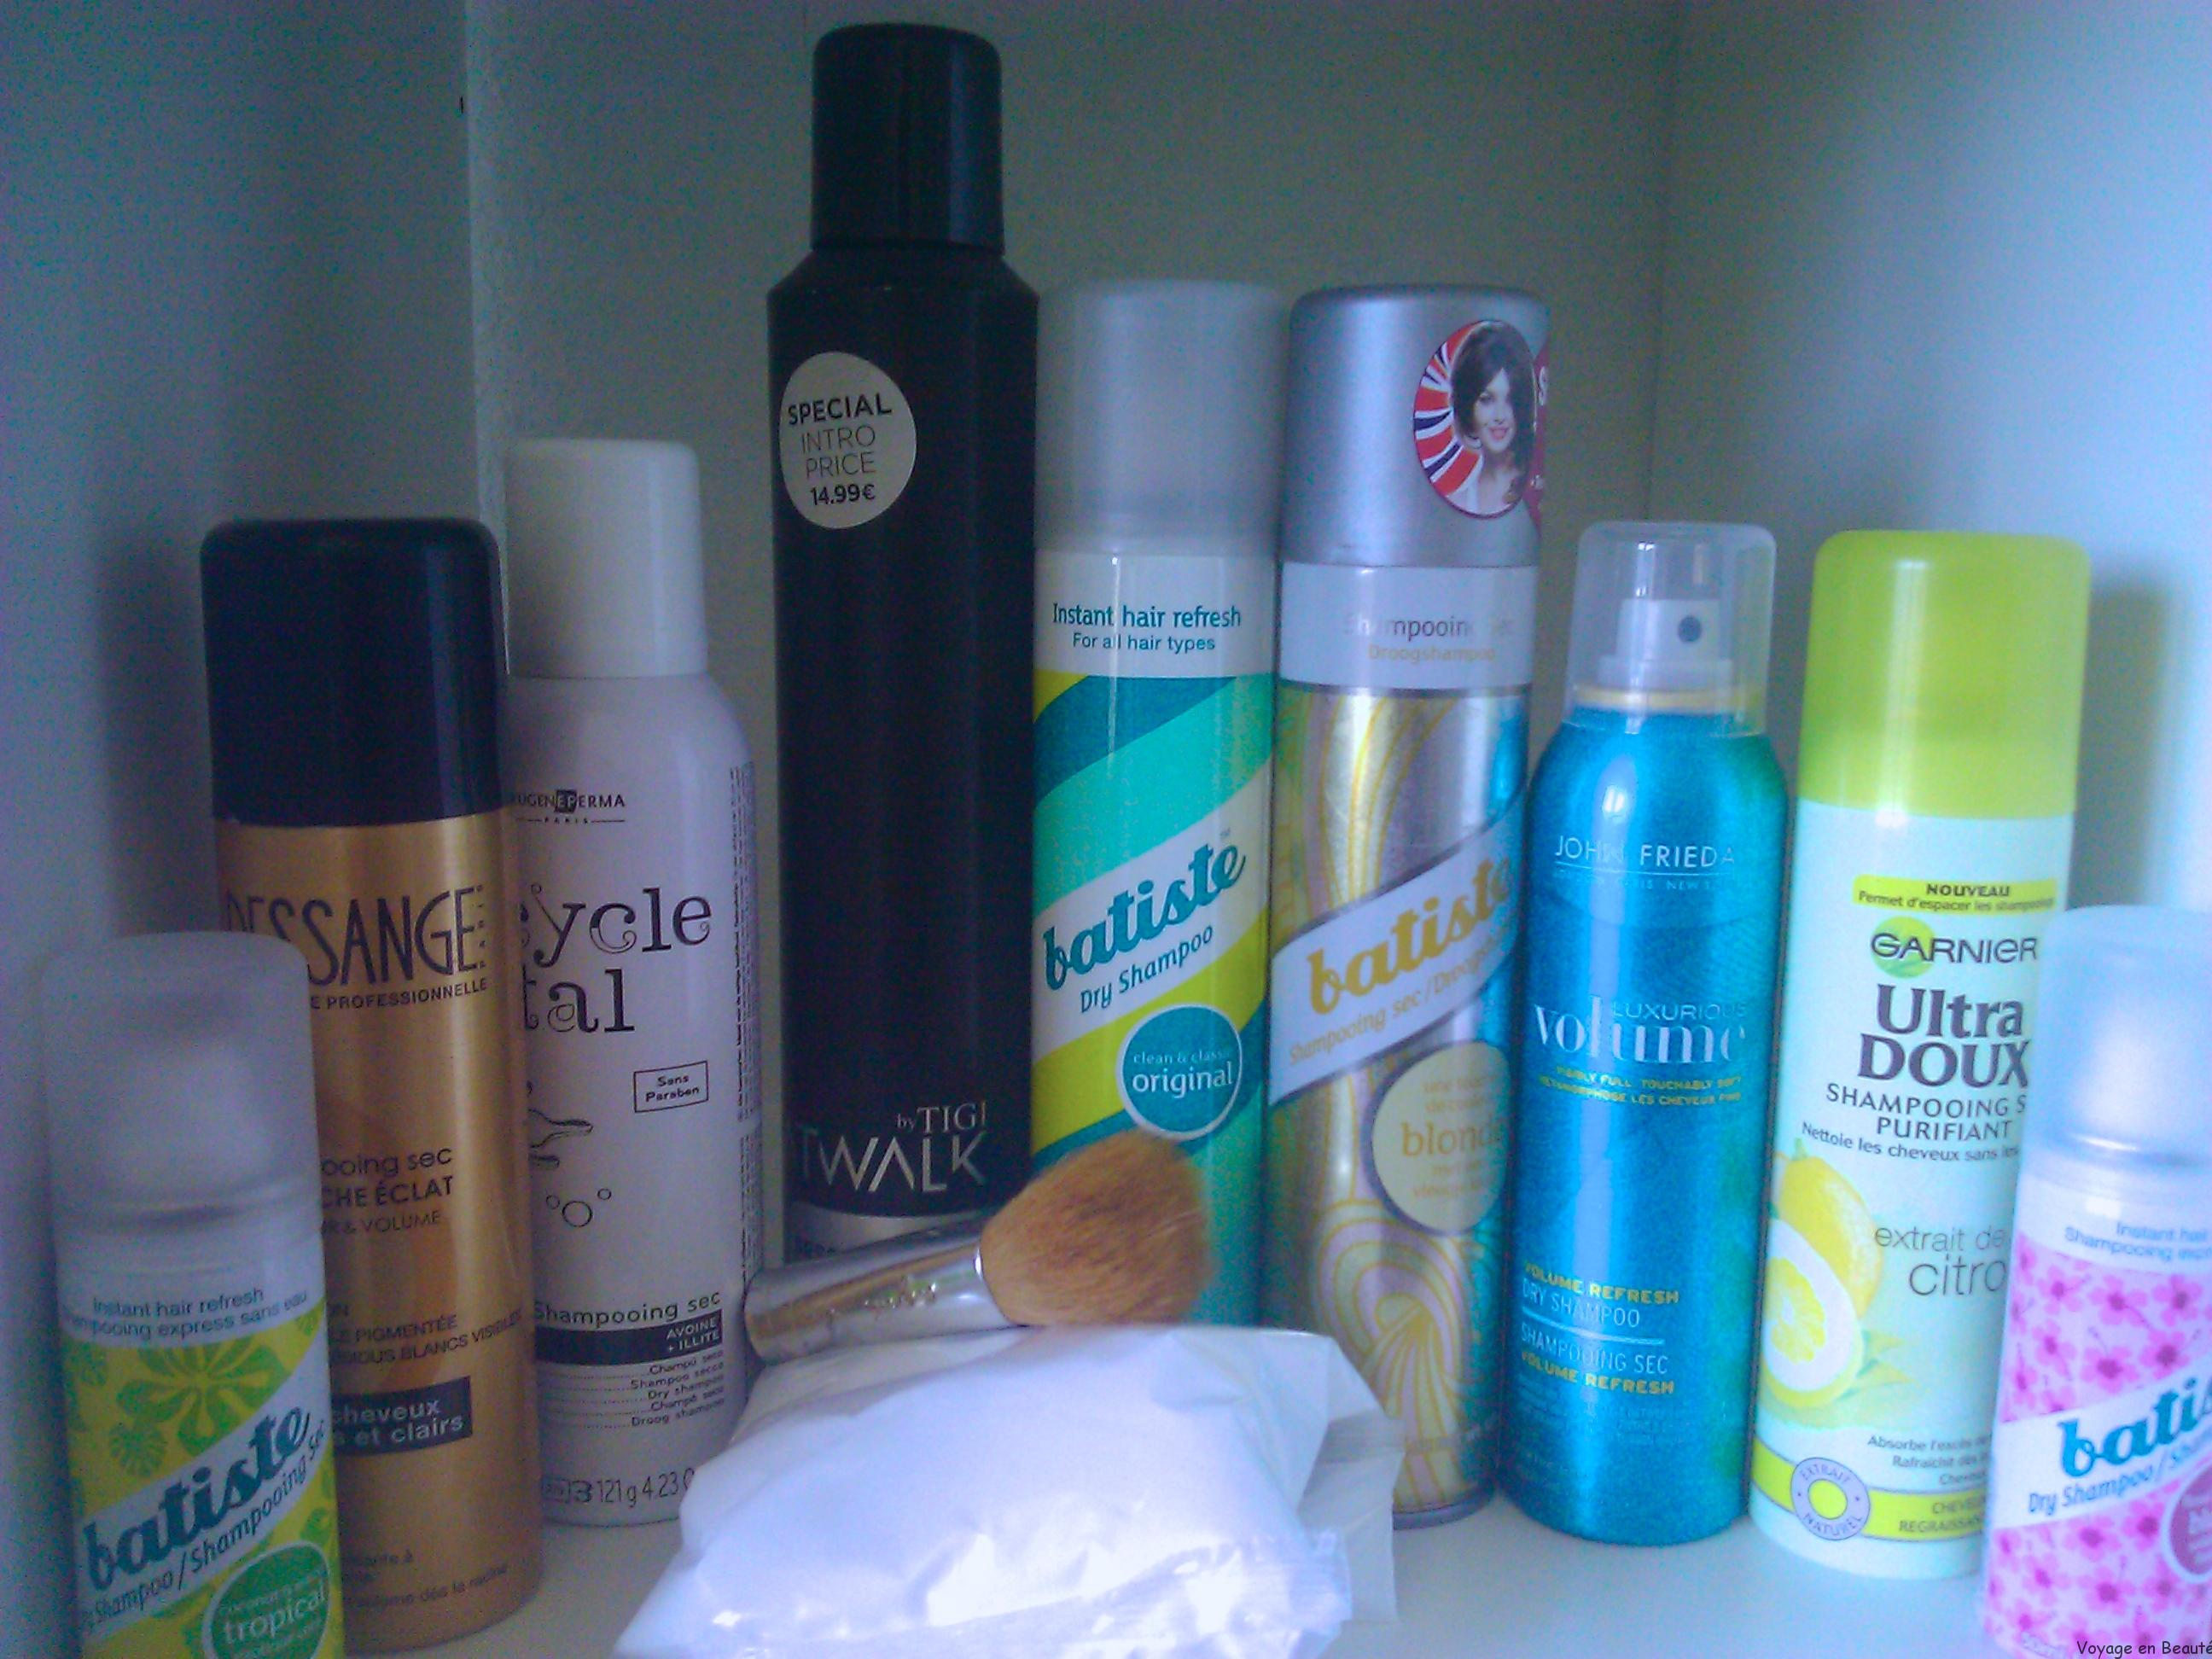 Les shampooings secs au banc d'essai : Dessange, Batiste, Tigi, Eugène Perma, Garnier, john frieda test par voyage en beauté